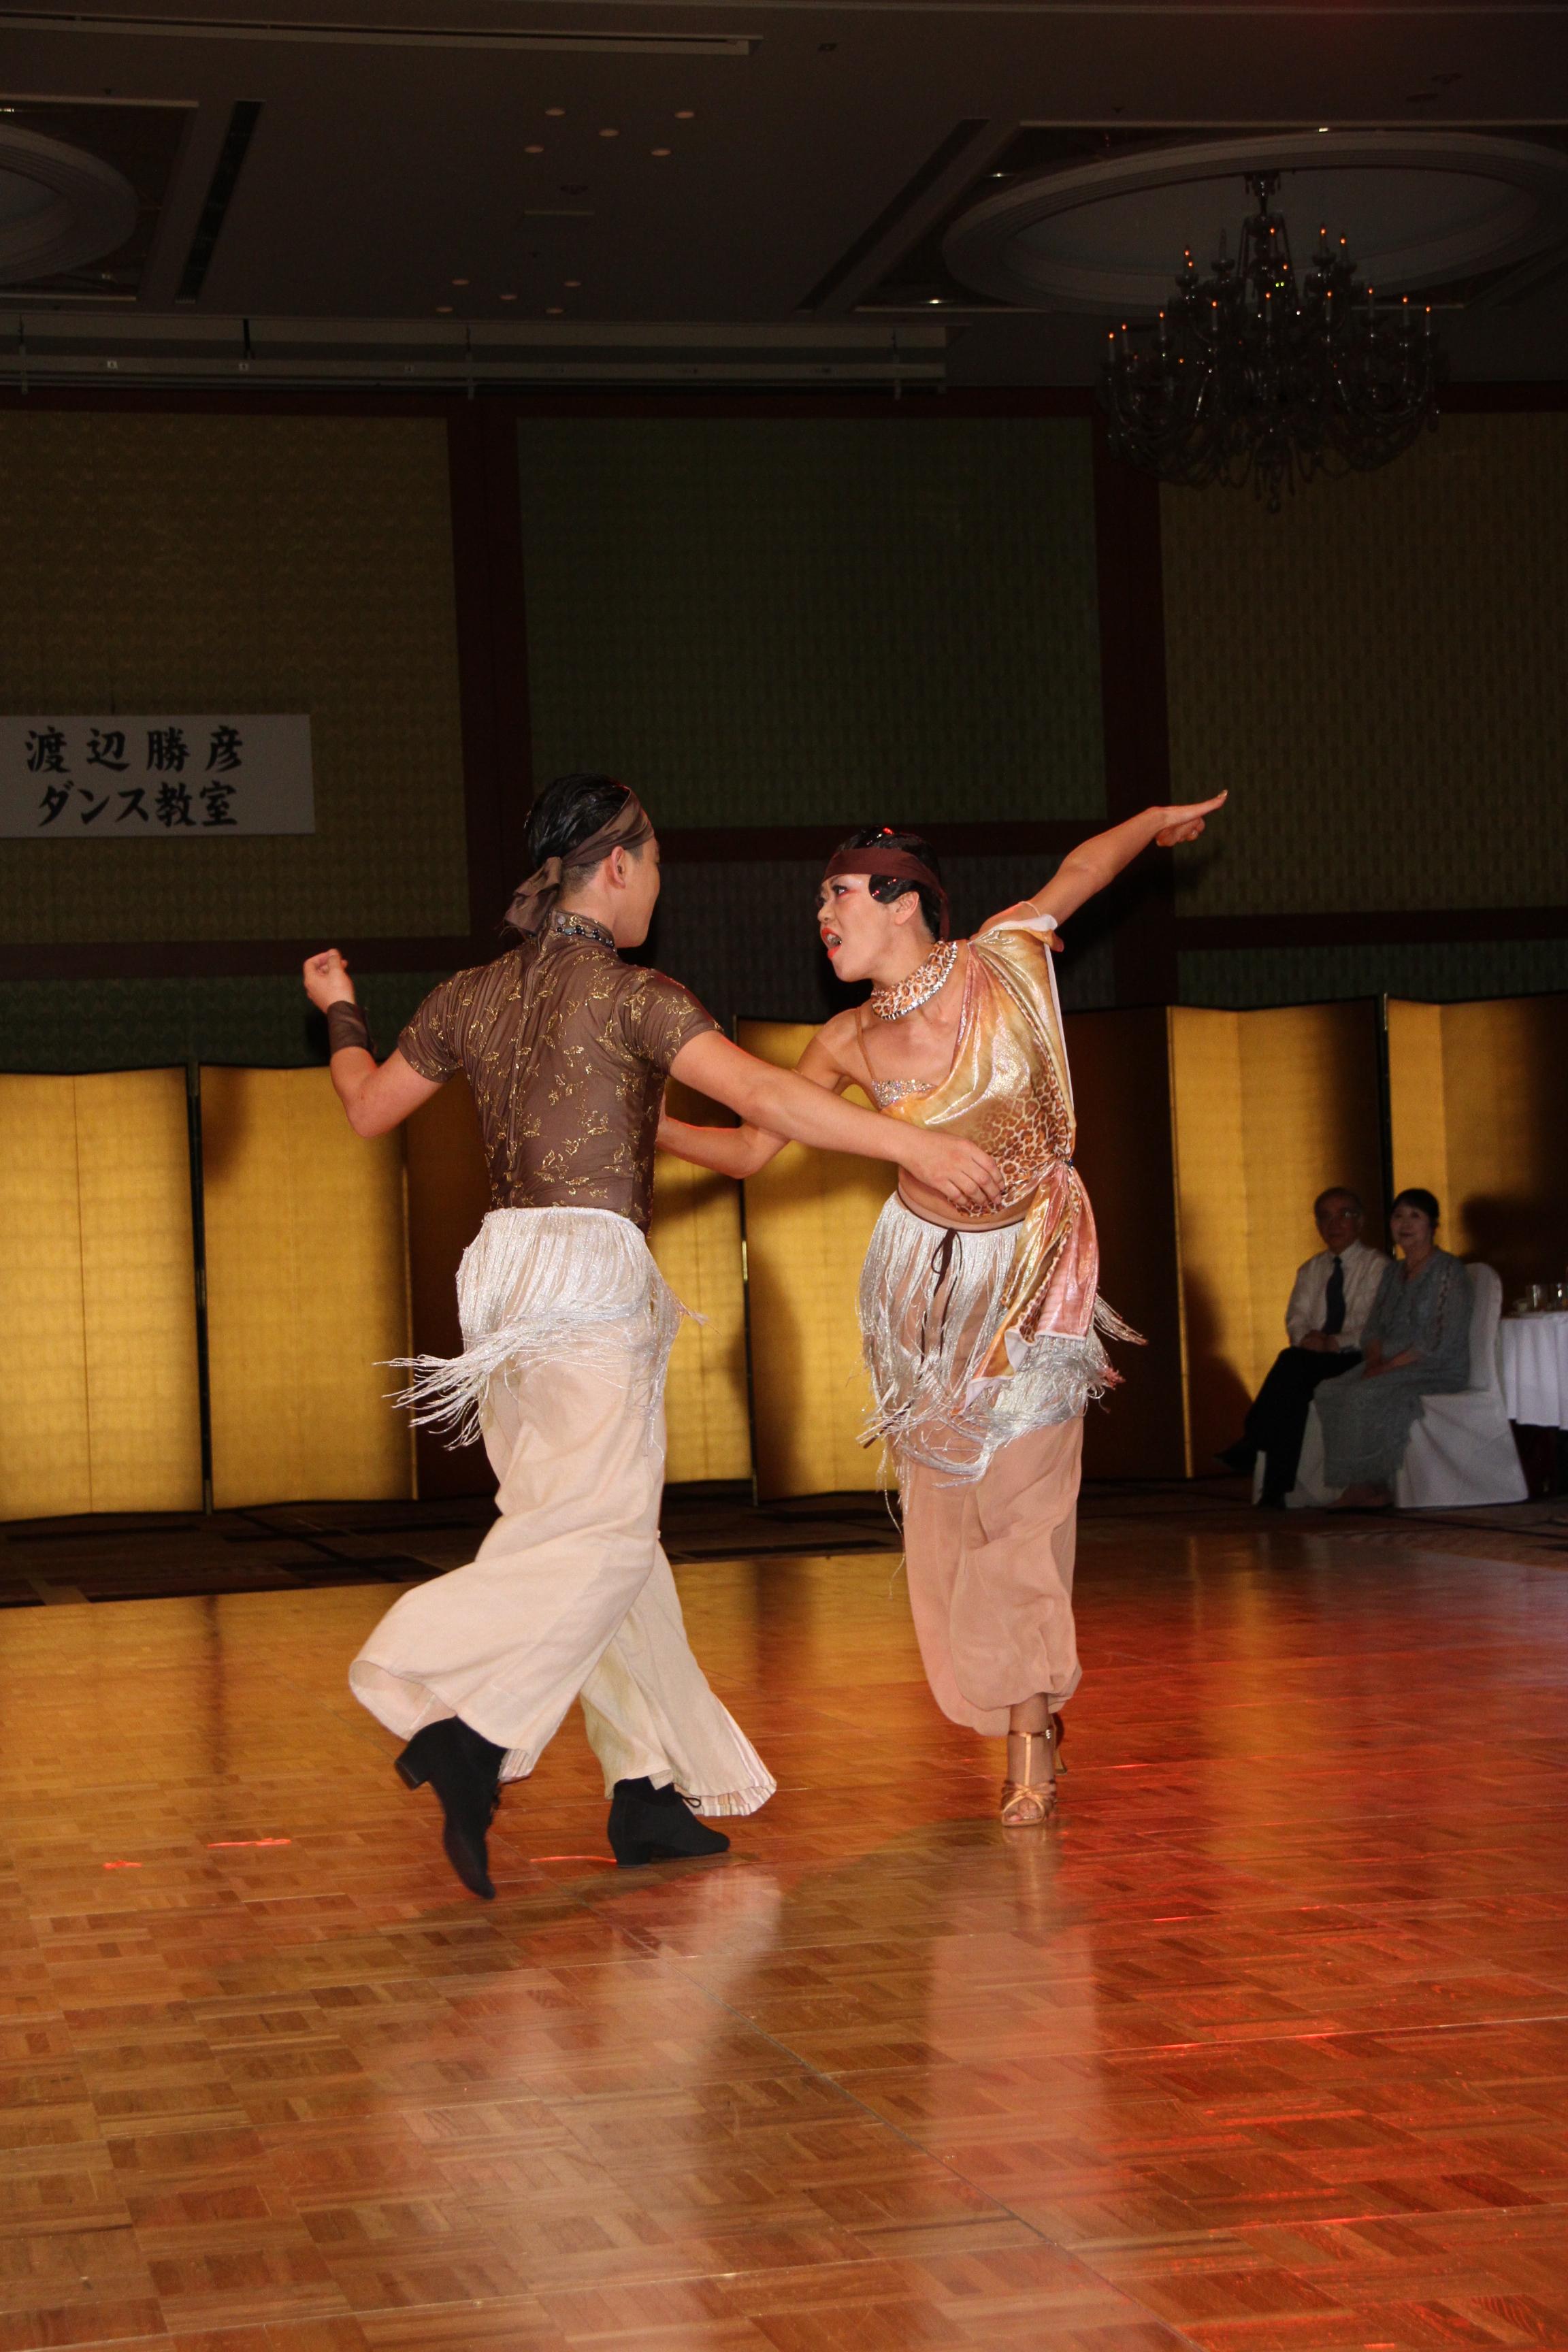 「ショーダンス」デモ